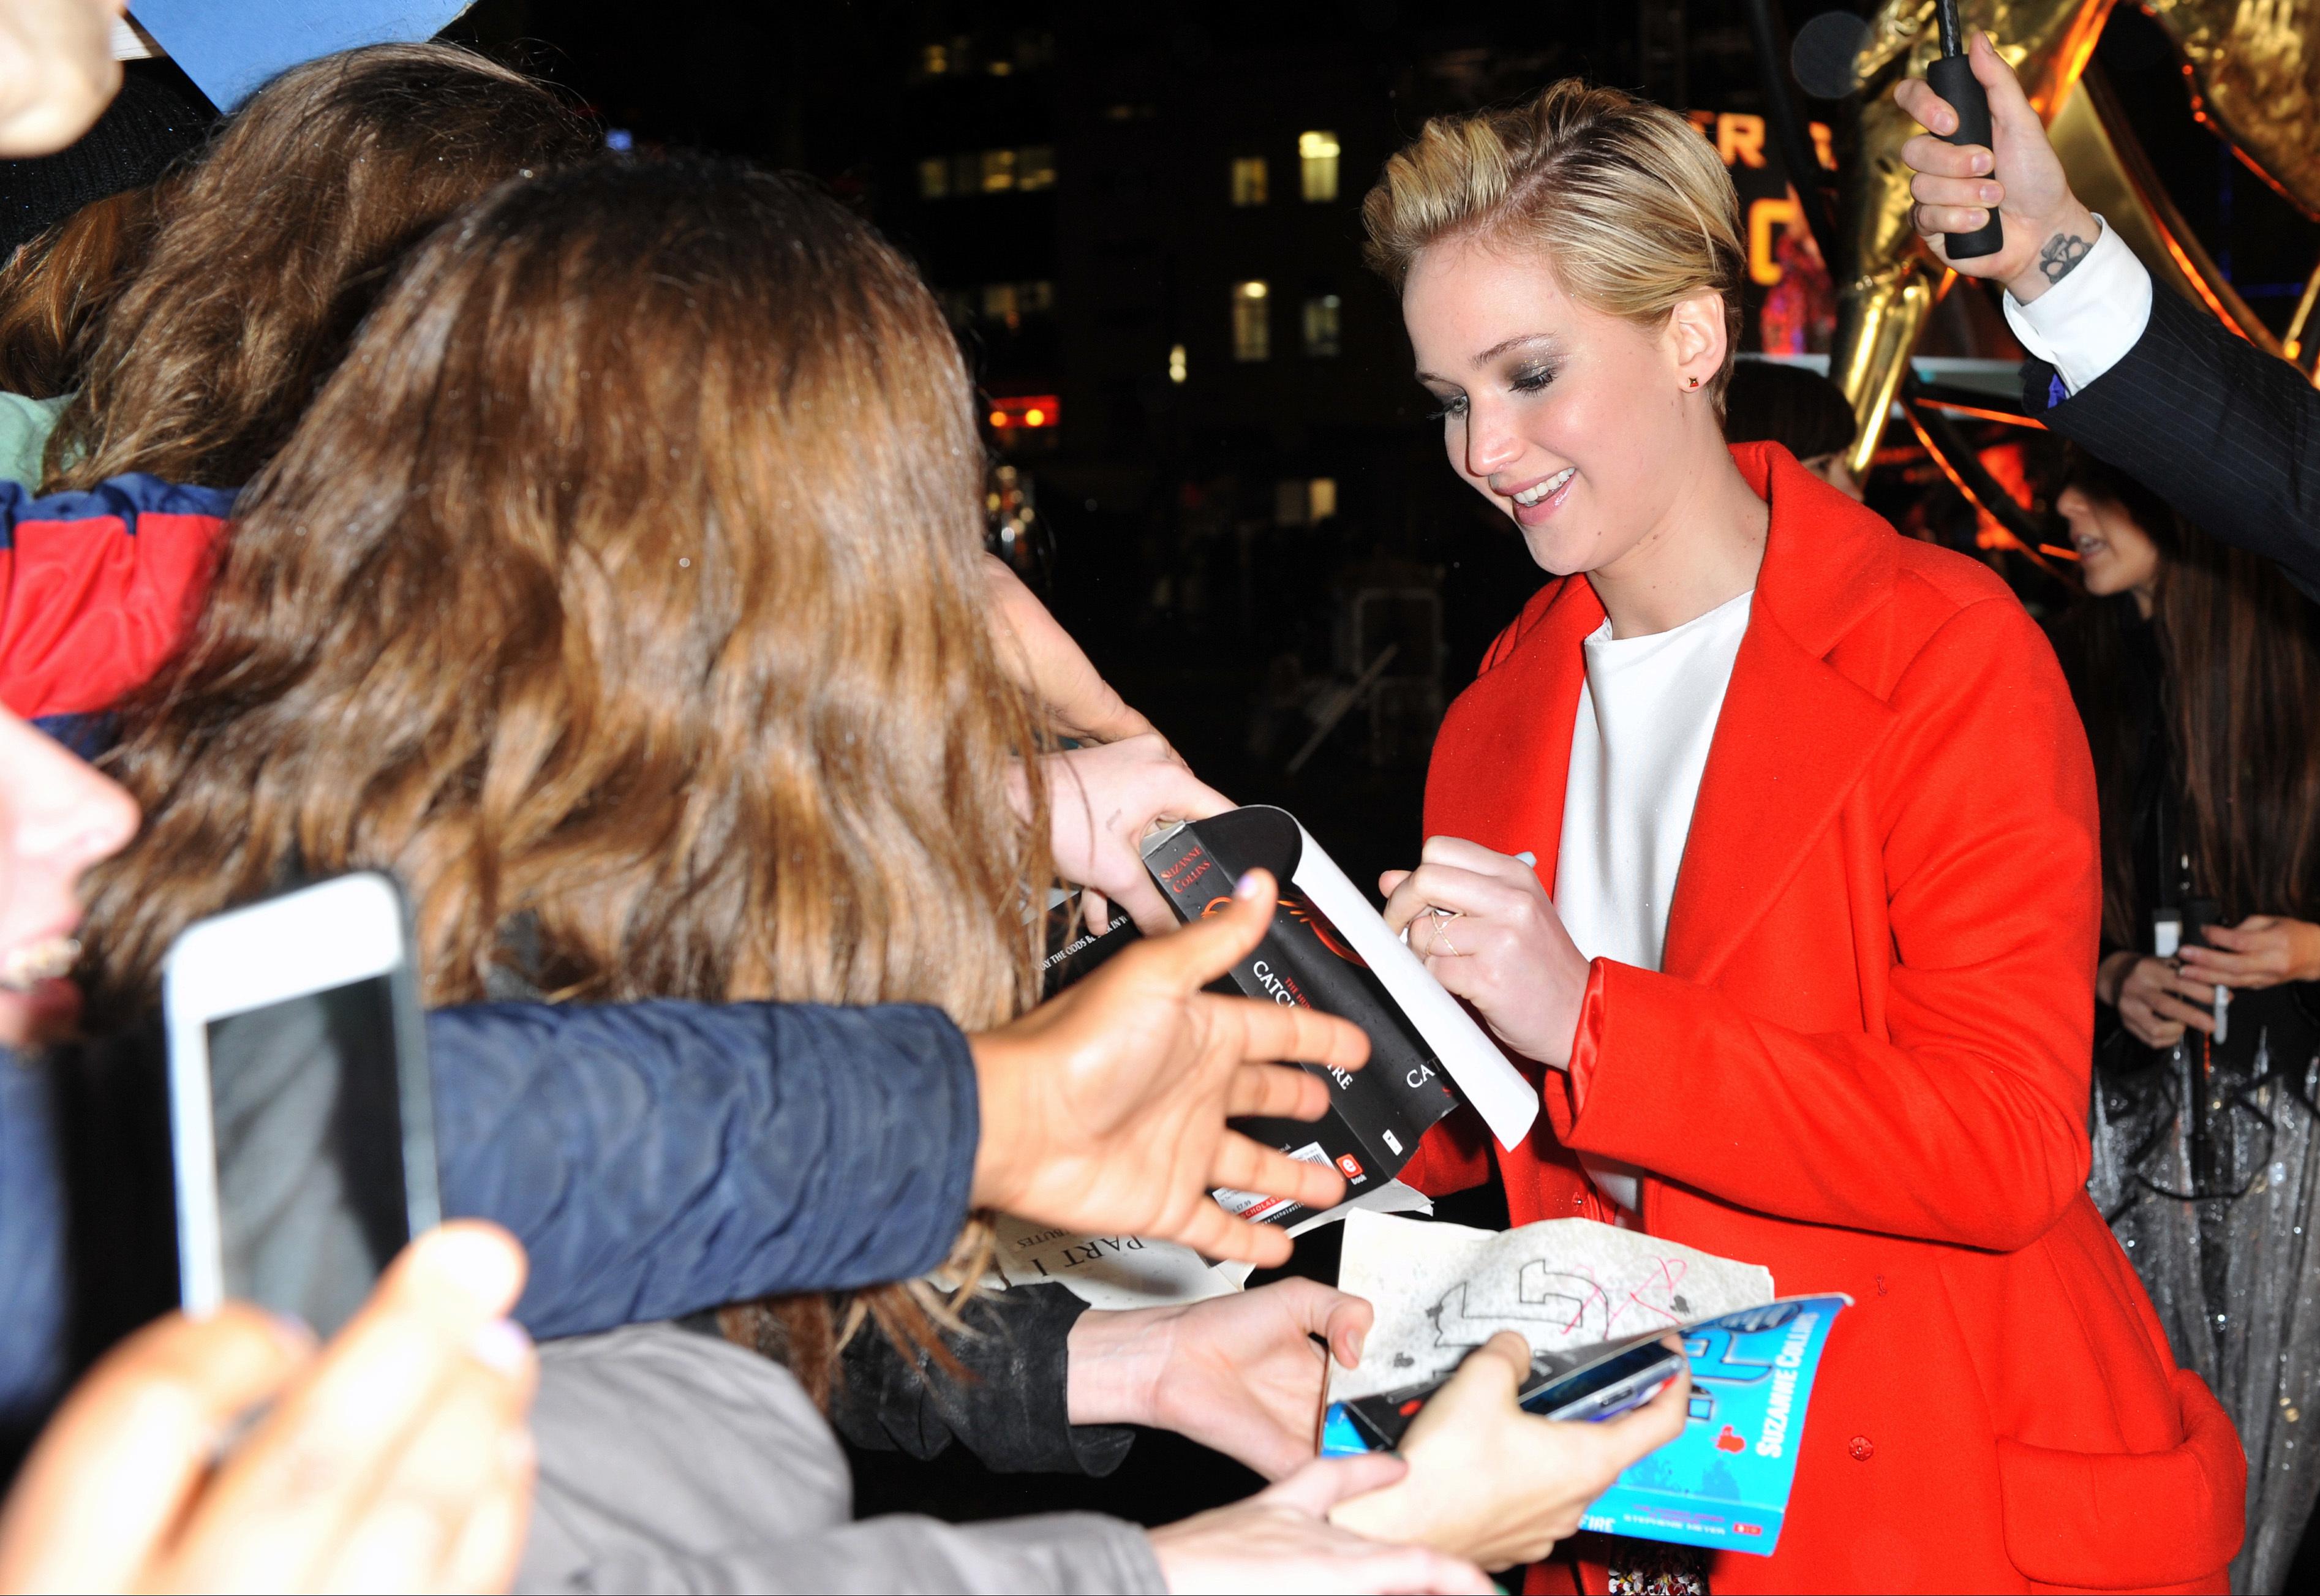 Jennifer Lawrence fans